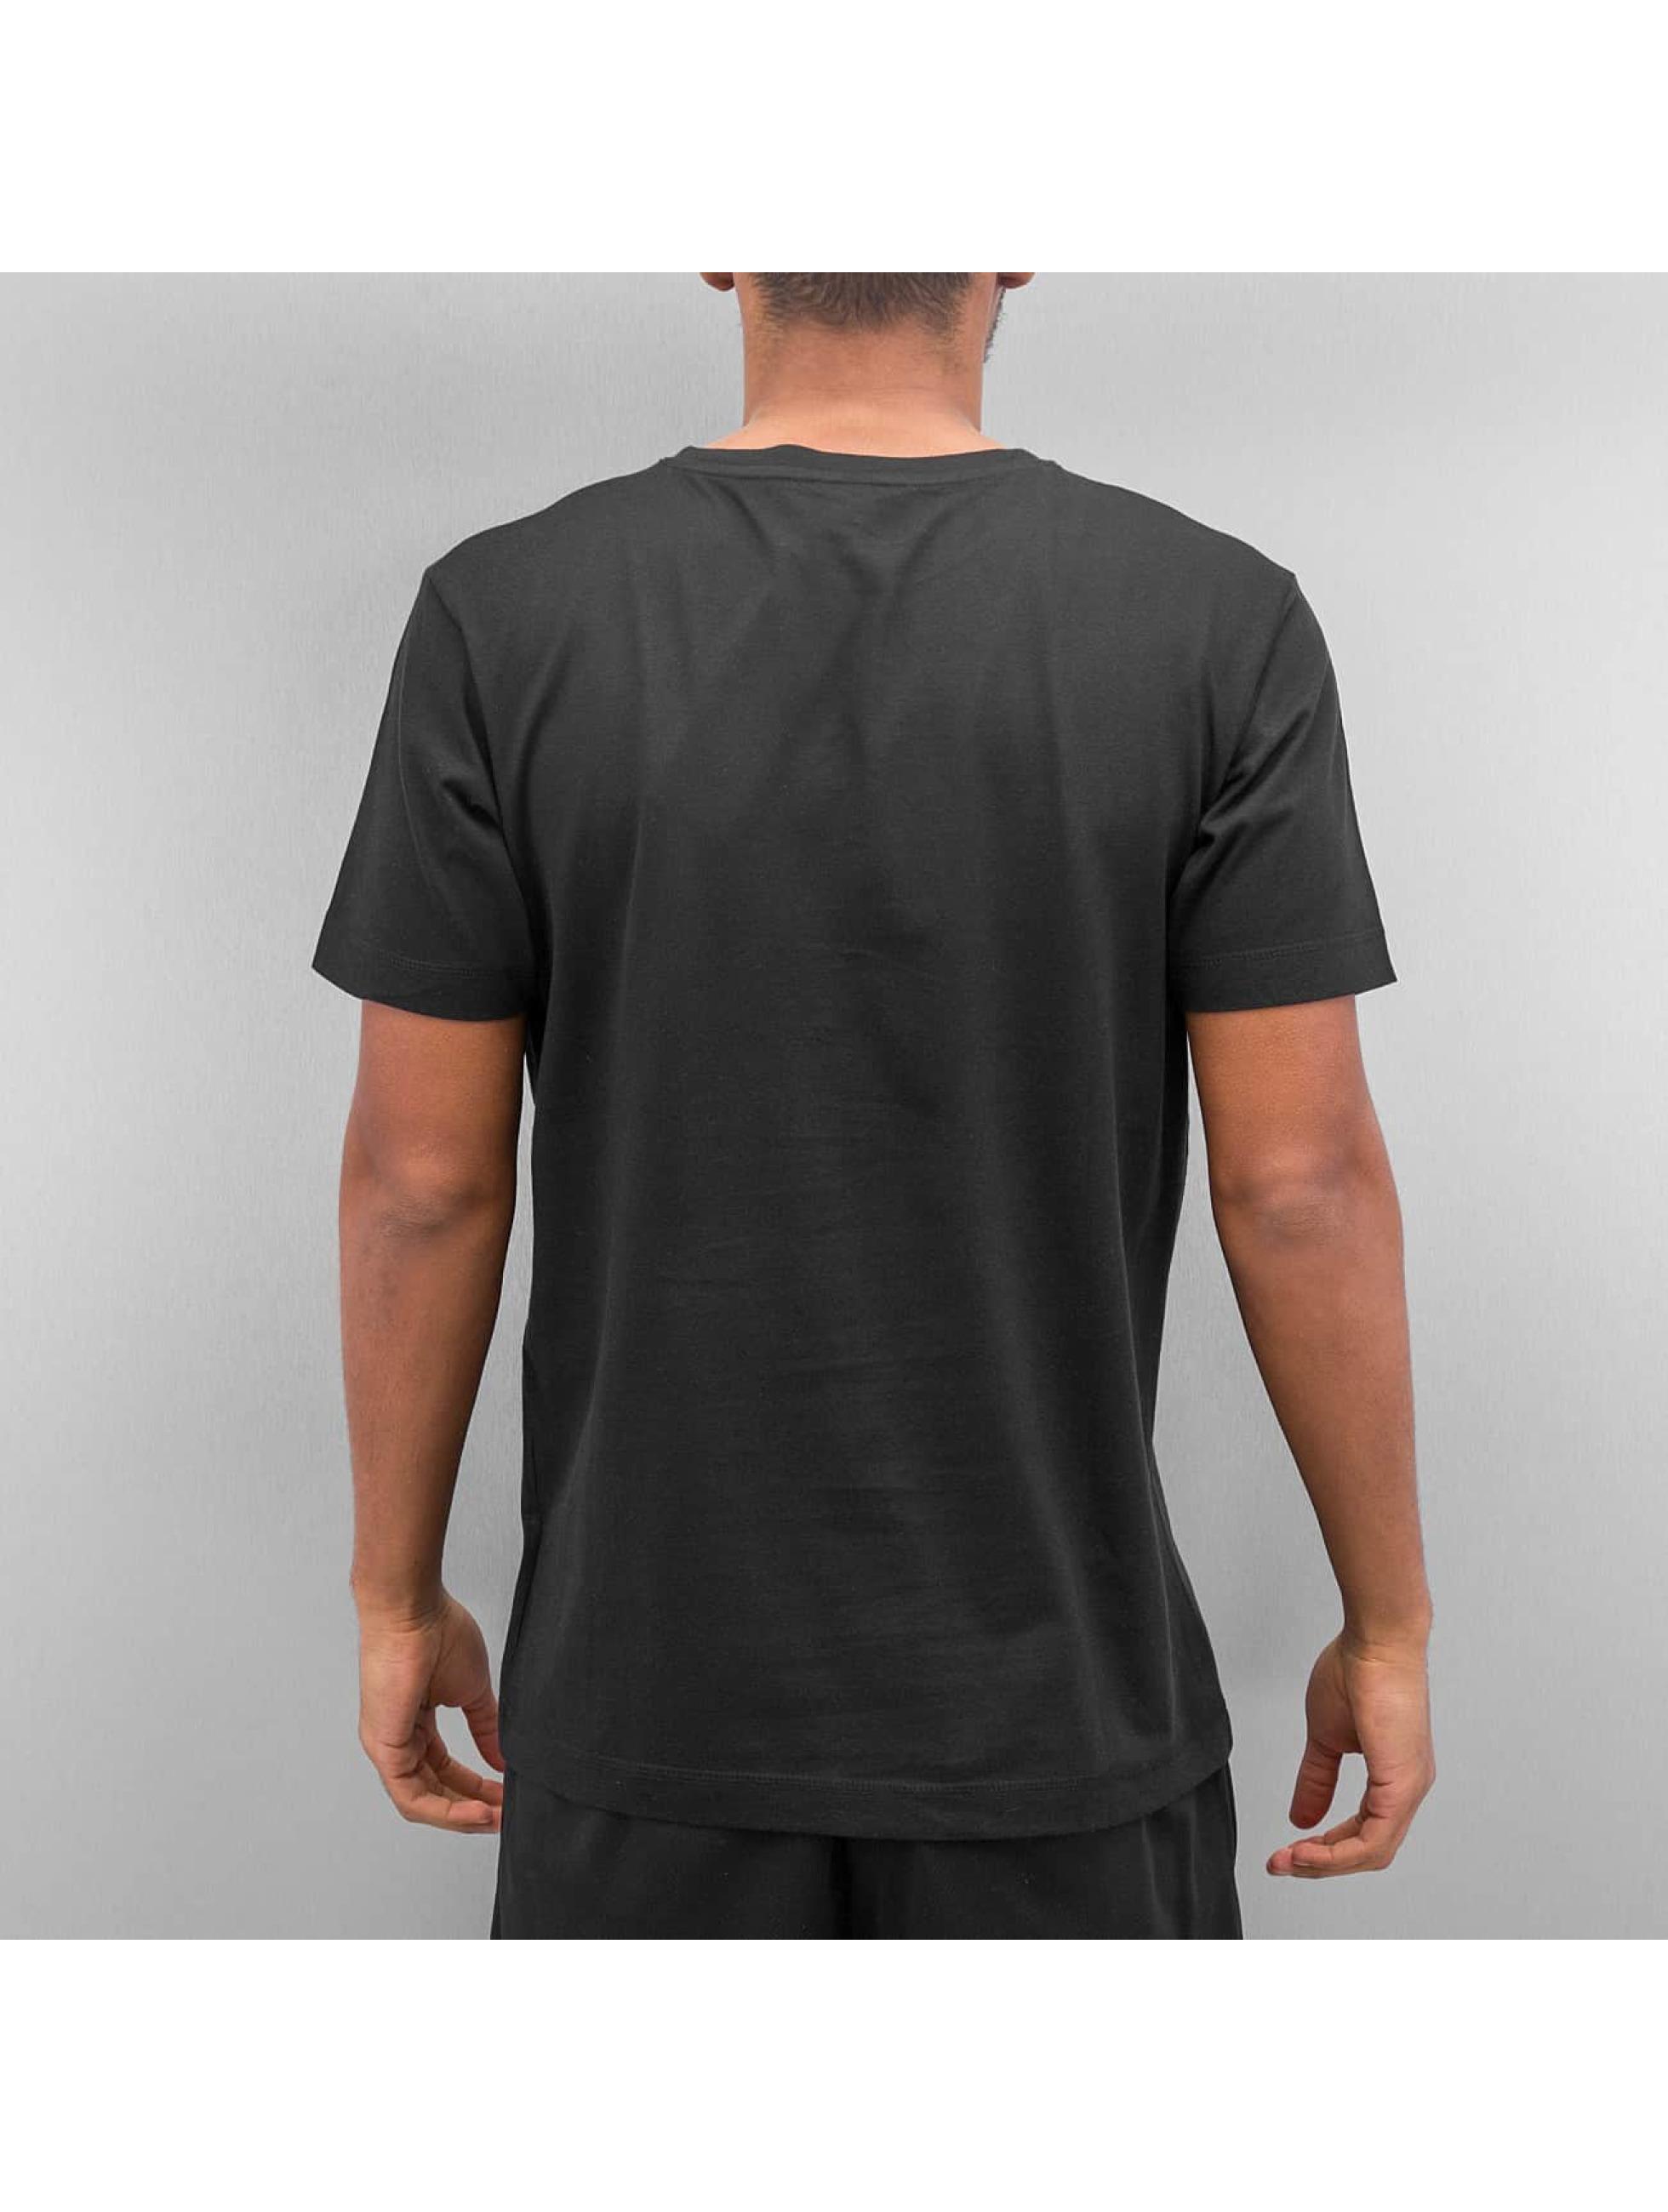 Ichiban T-Shirt Floral Uzi schwarz